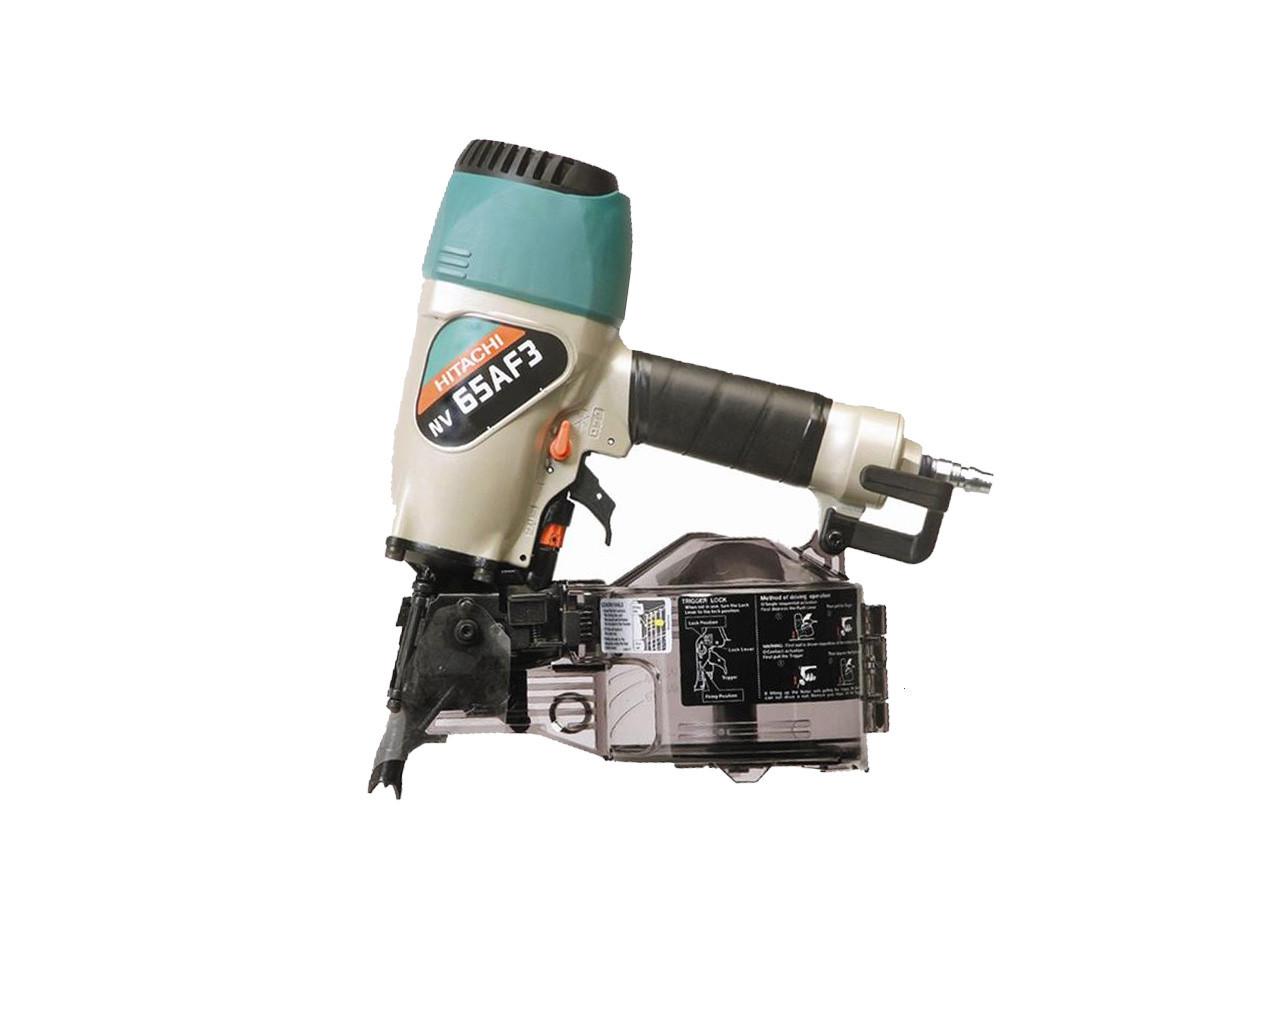 Hitachi NV65AF3(H1) Pneumatic Coil Nailer 15?? 65mm